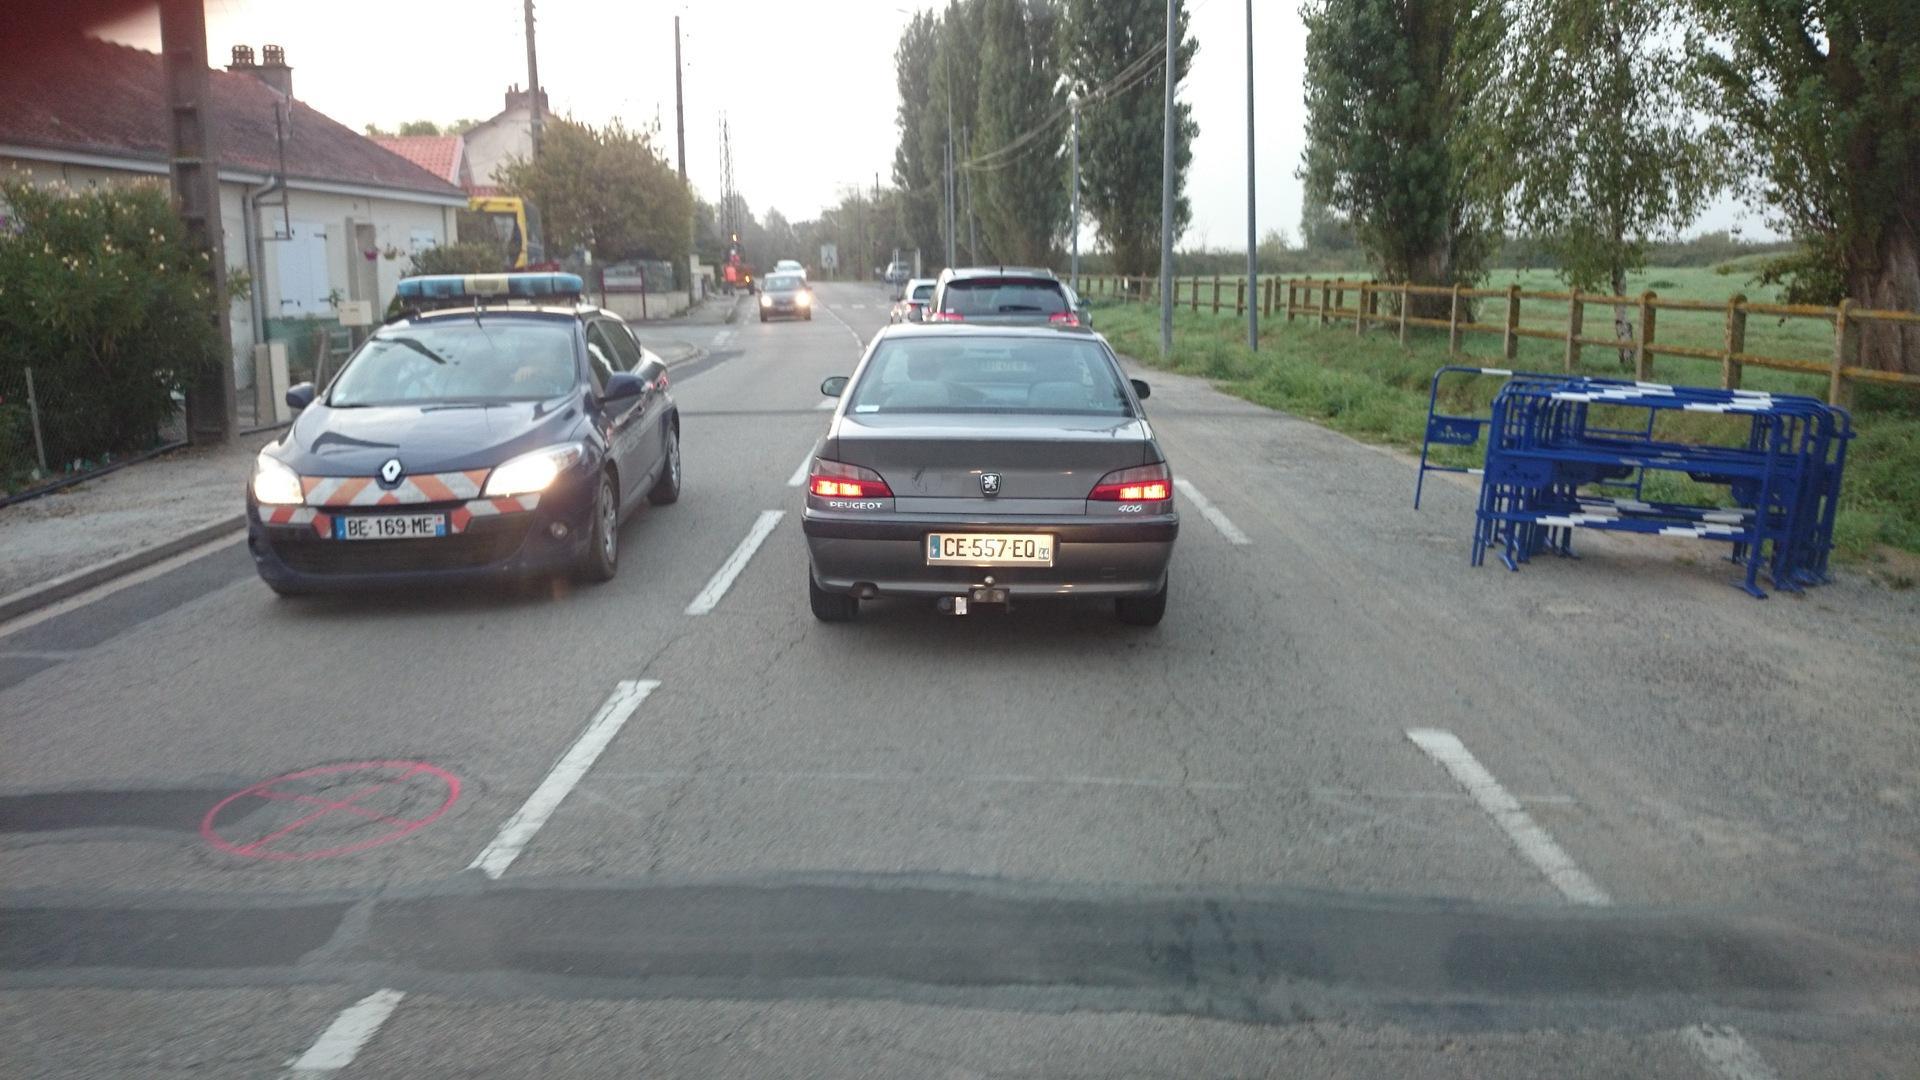 ce-922-zs-ce-222-zt -  u00c9valuer le chauffeur